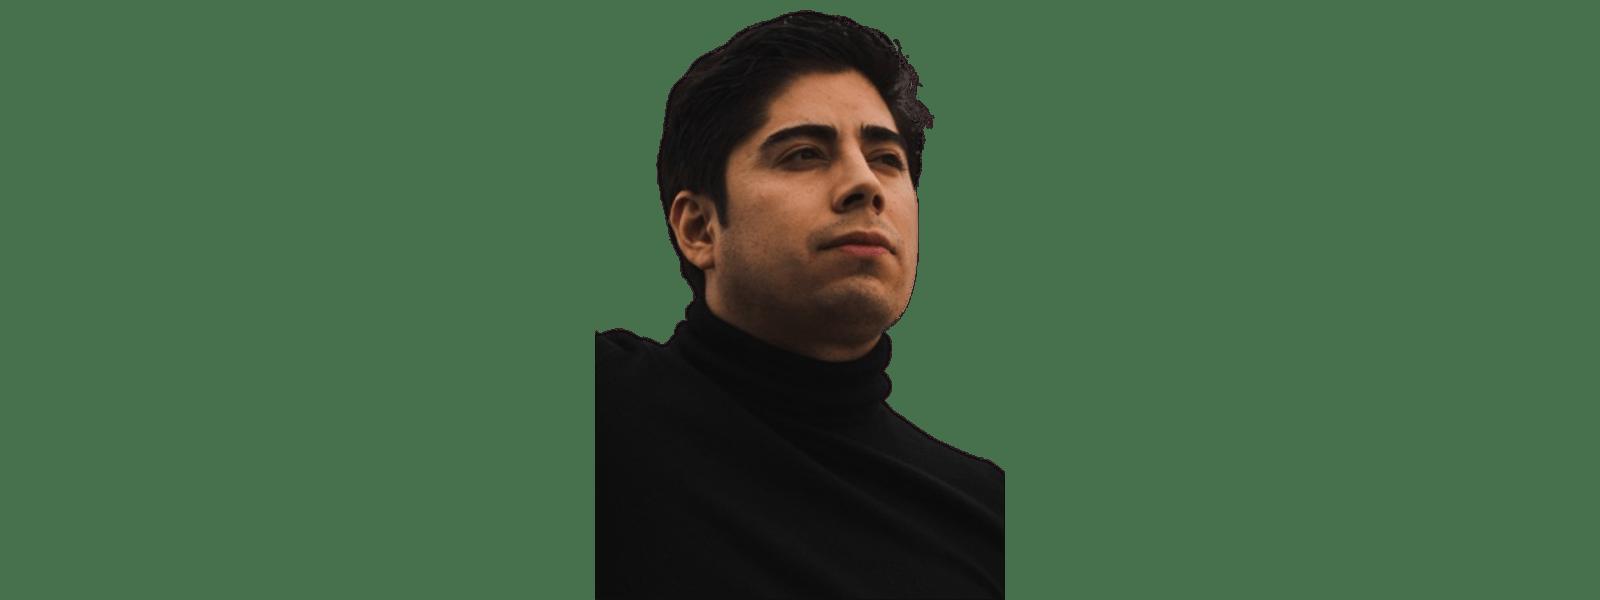 Yoguef Sanchez Jarquin